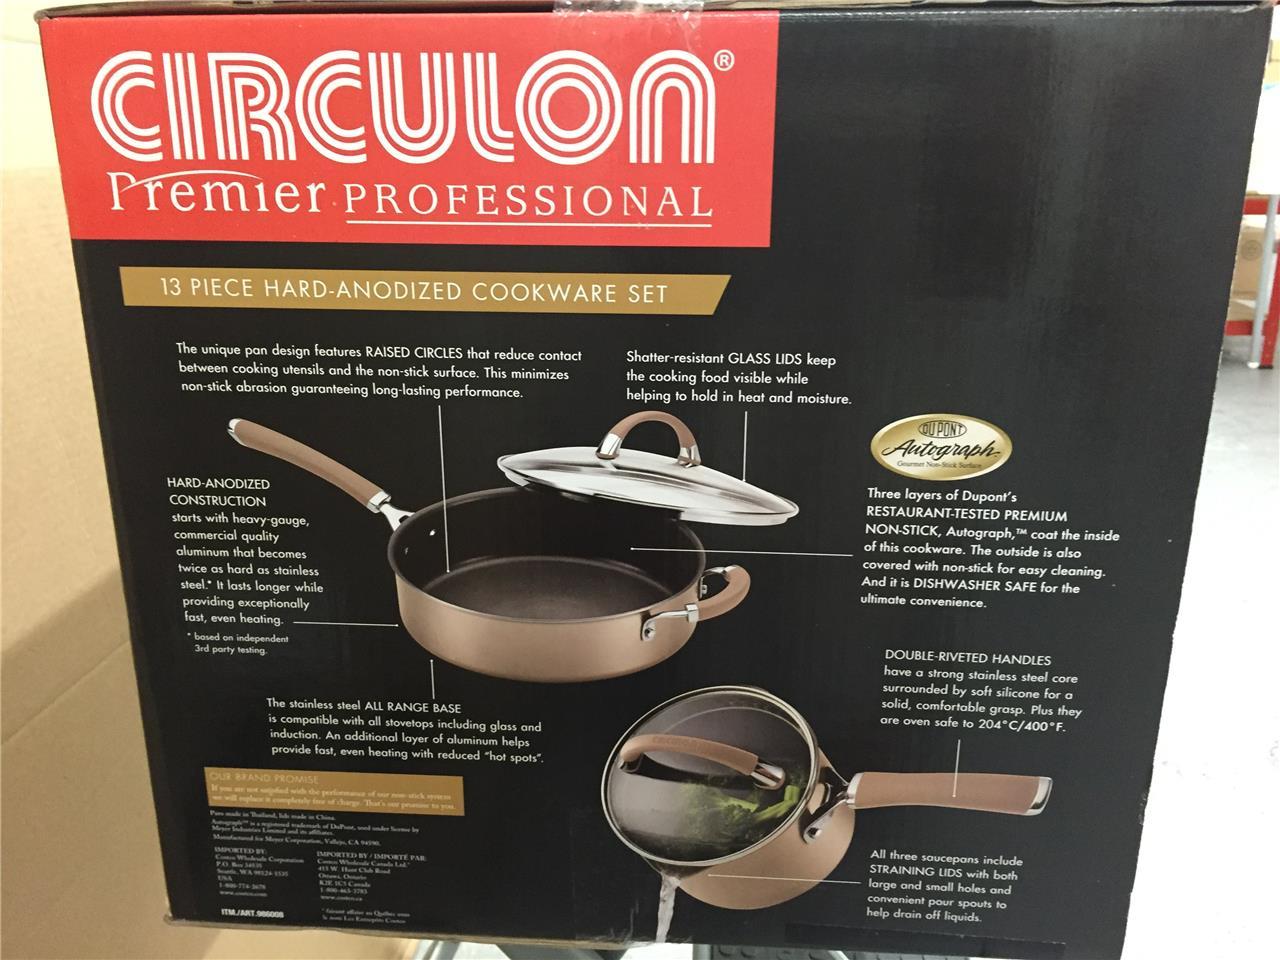 Circulon Premier Professional Hard Anodized 13 Piece Non